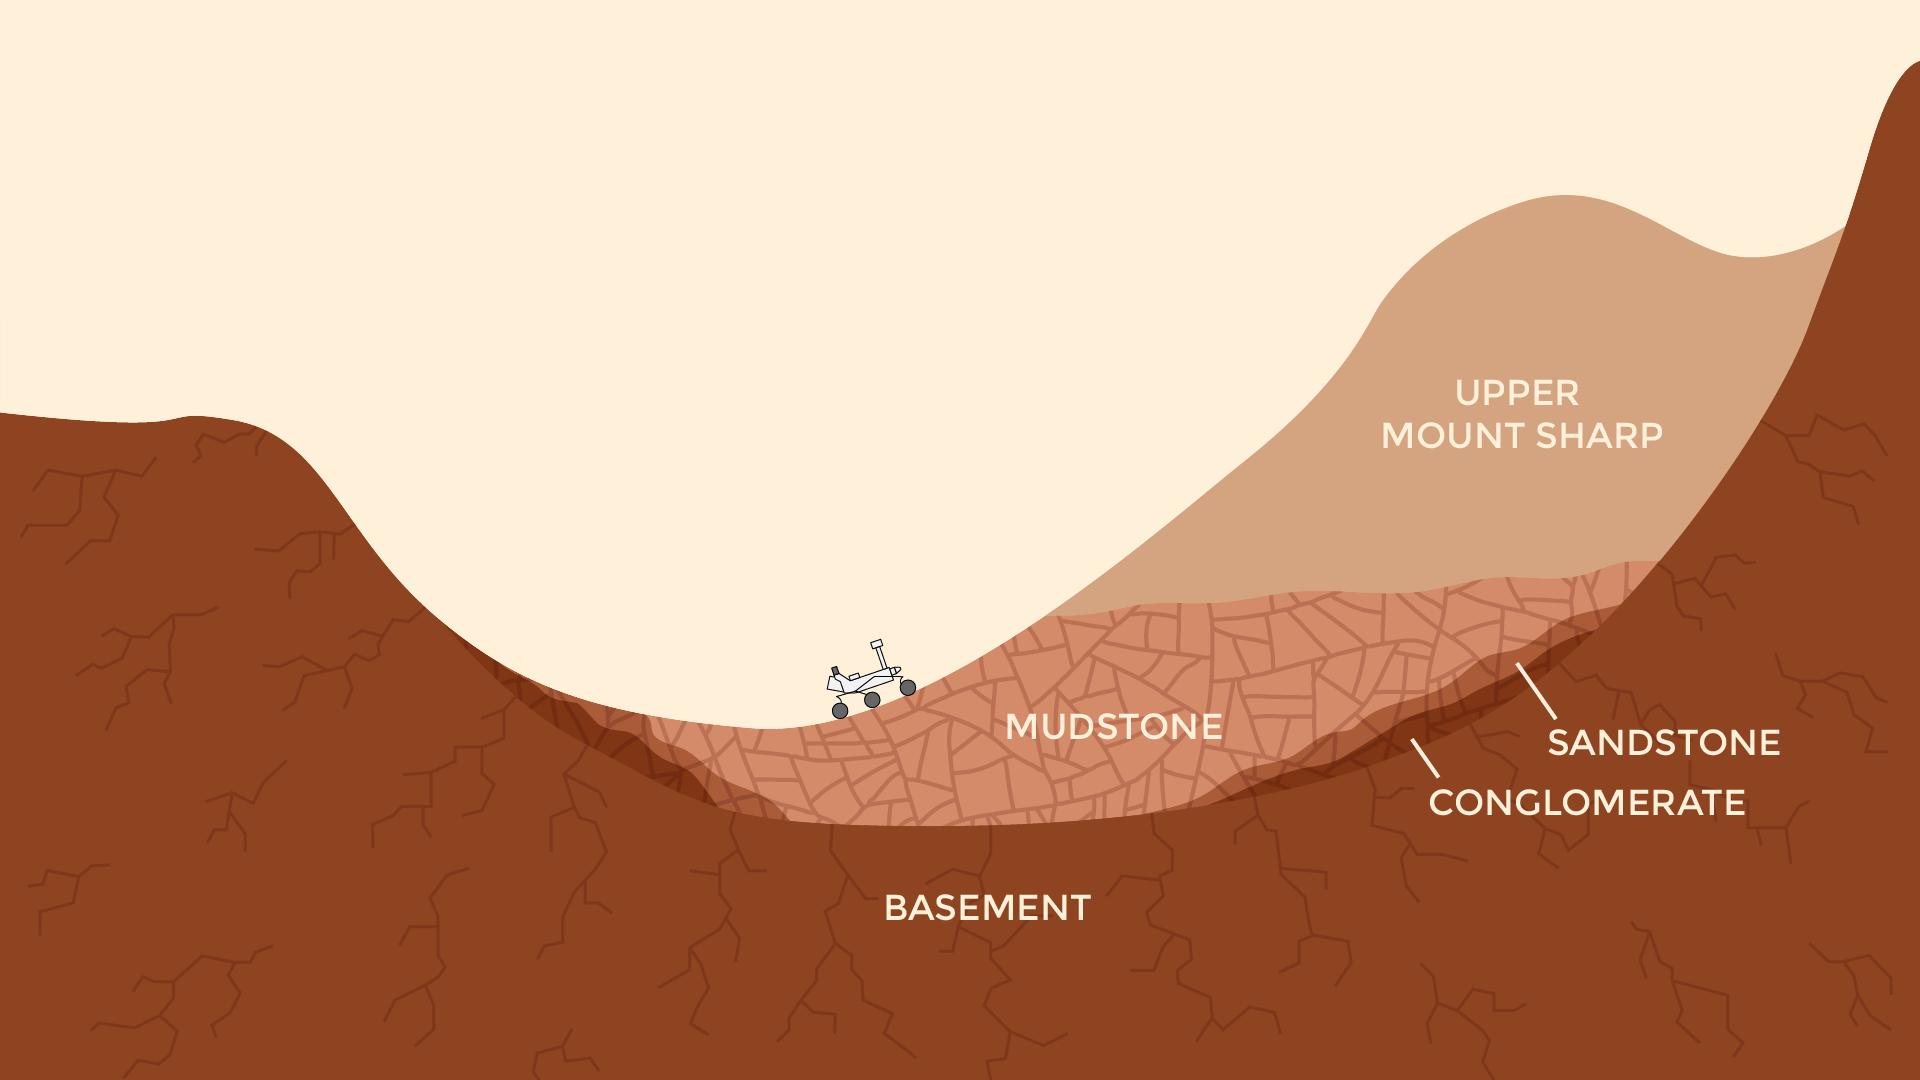 """Obecny wygląd krateru Gale, który bada teraz łazik Curiosity. Choć po miliardach lat ukształtowanie okolicznego terenu znacznie się zmieniło, to pomimo ego jesteśmy w stanie """"wyciągnąć"""" z tego wiele ważnych i ciekawych informacji."""